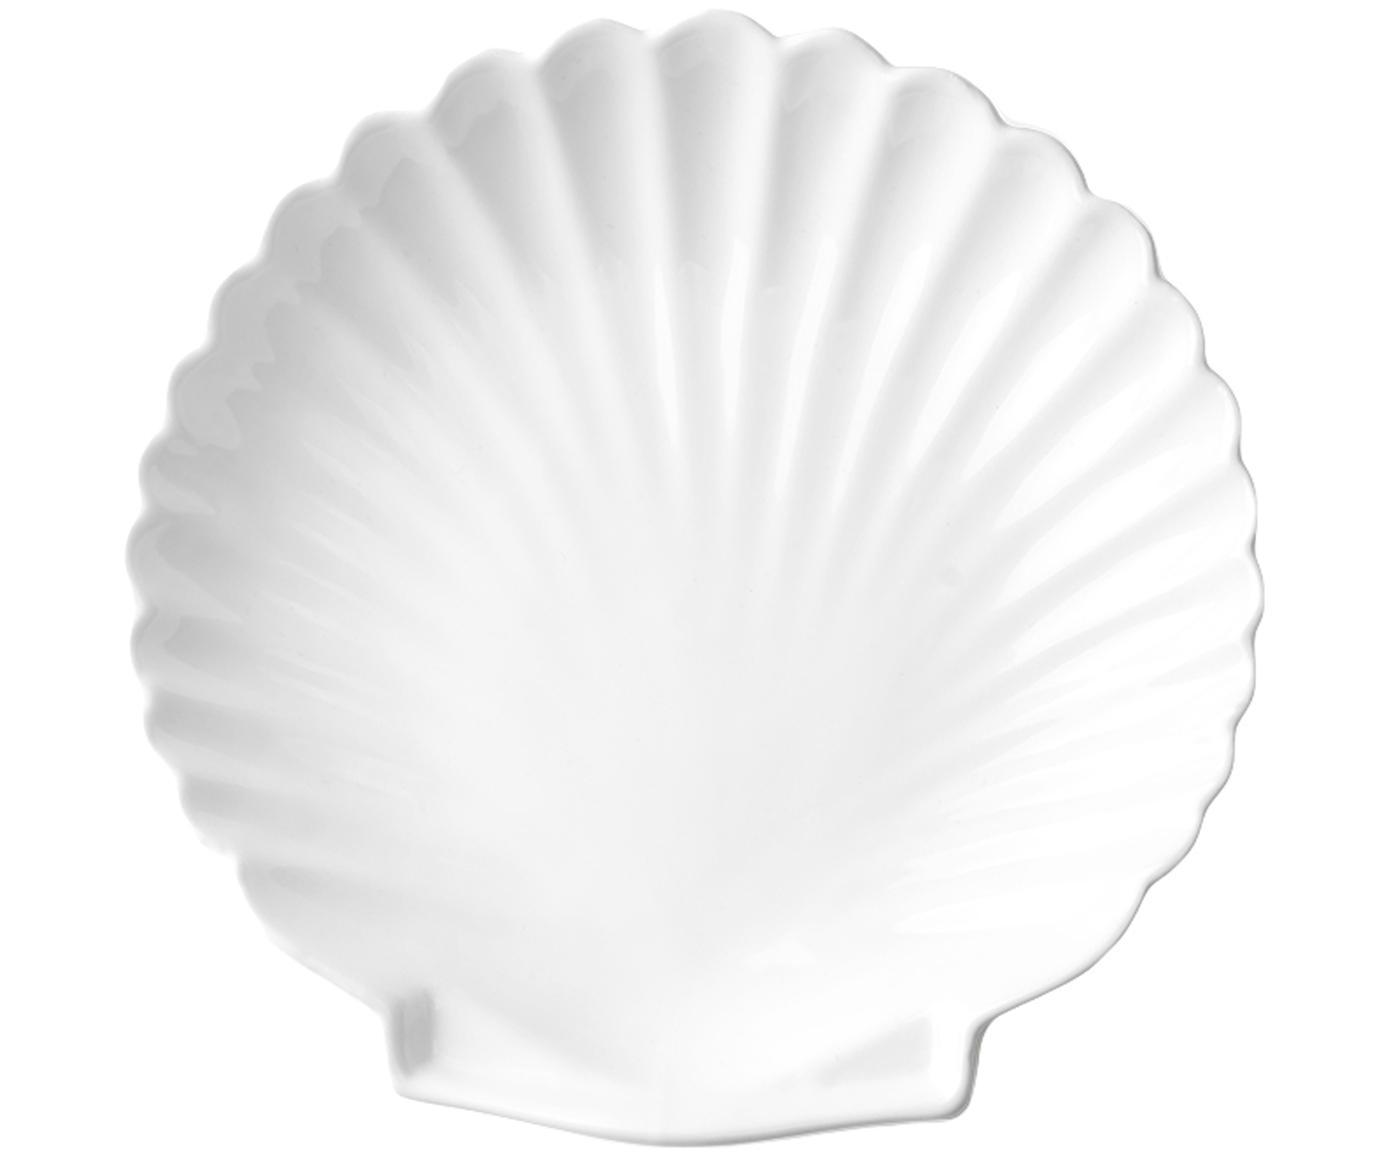 Teller Shell in Muschelform, 2 Stück, Keramik, Weiß, Ø 20 cm